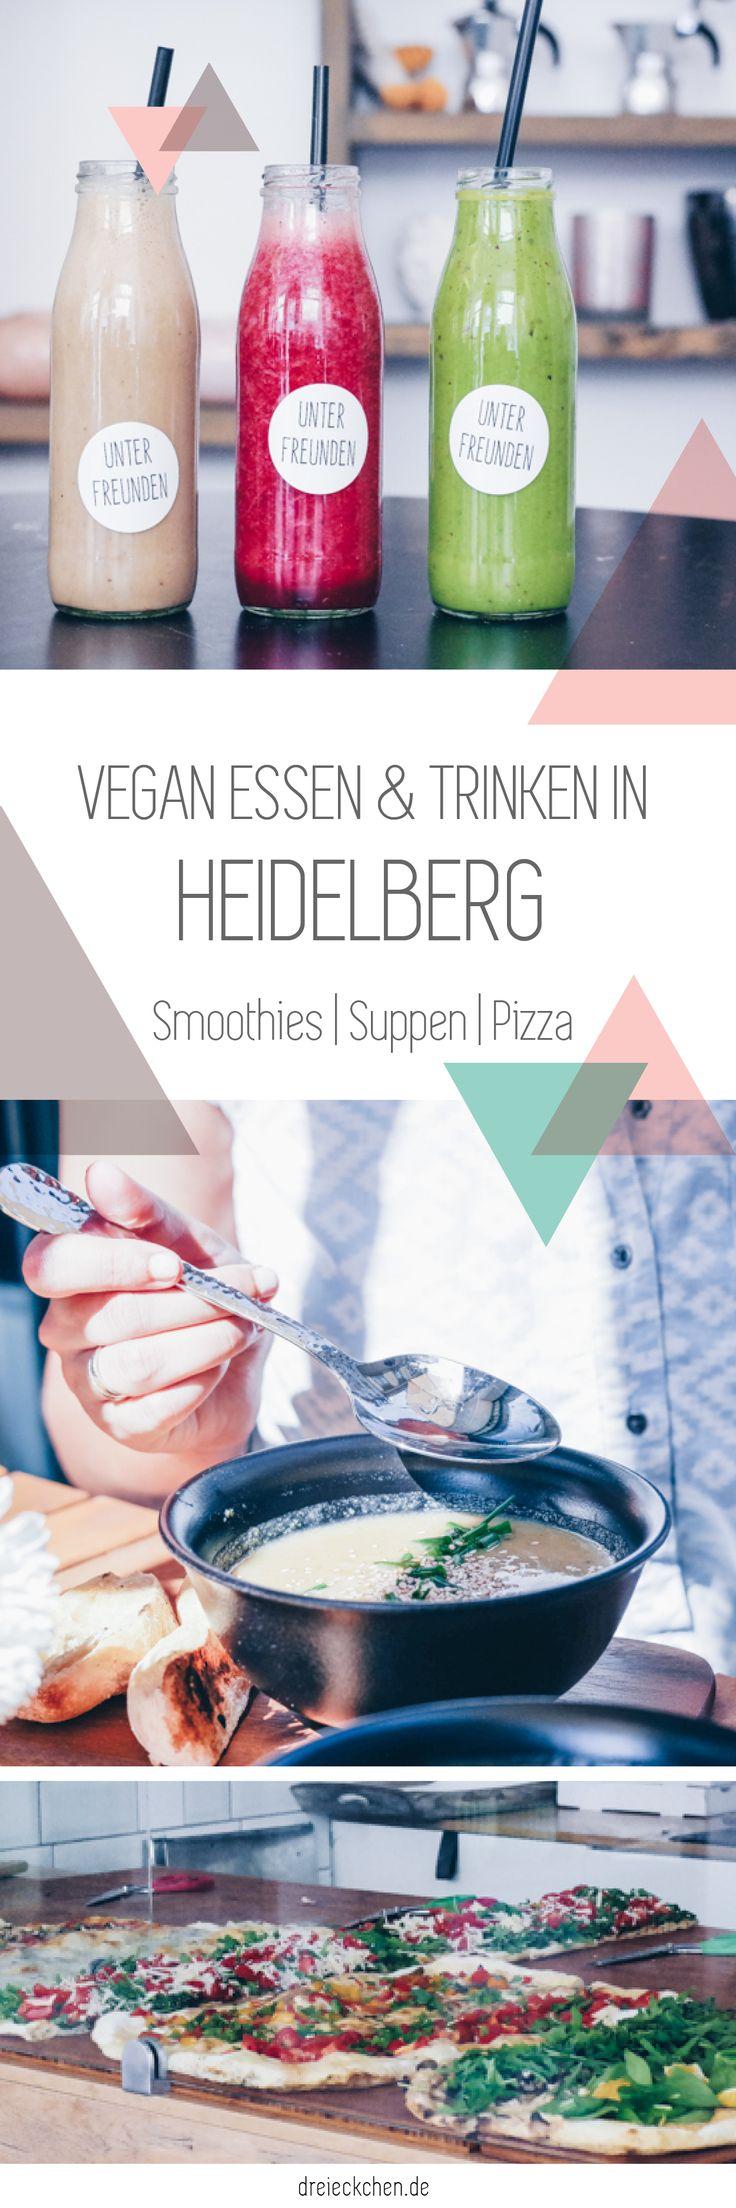 Hipster Food Tipps Heidelberg: grüne Smoothies, hausgemachte Pizza, vegane Suppen, Interior und Geschenke Shopping und die schönsten Cafés